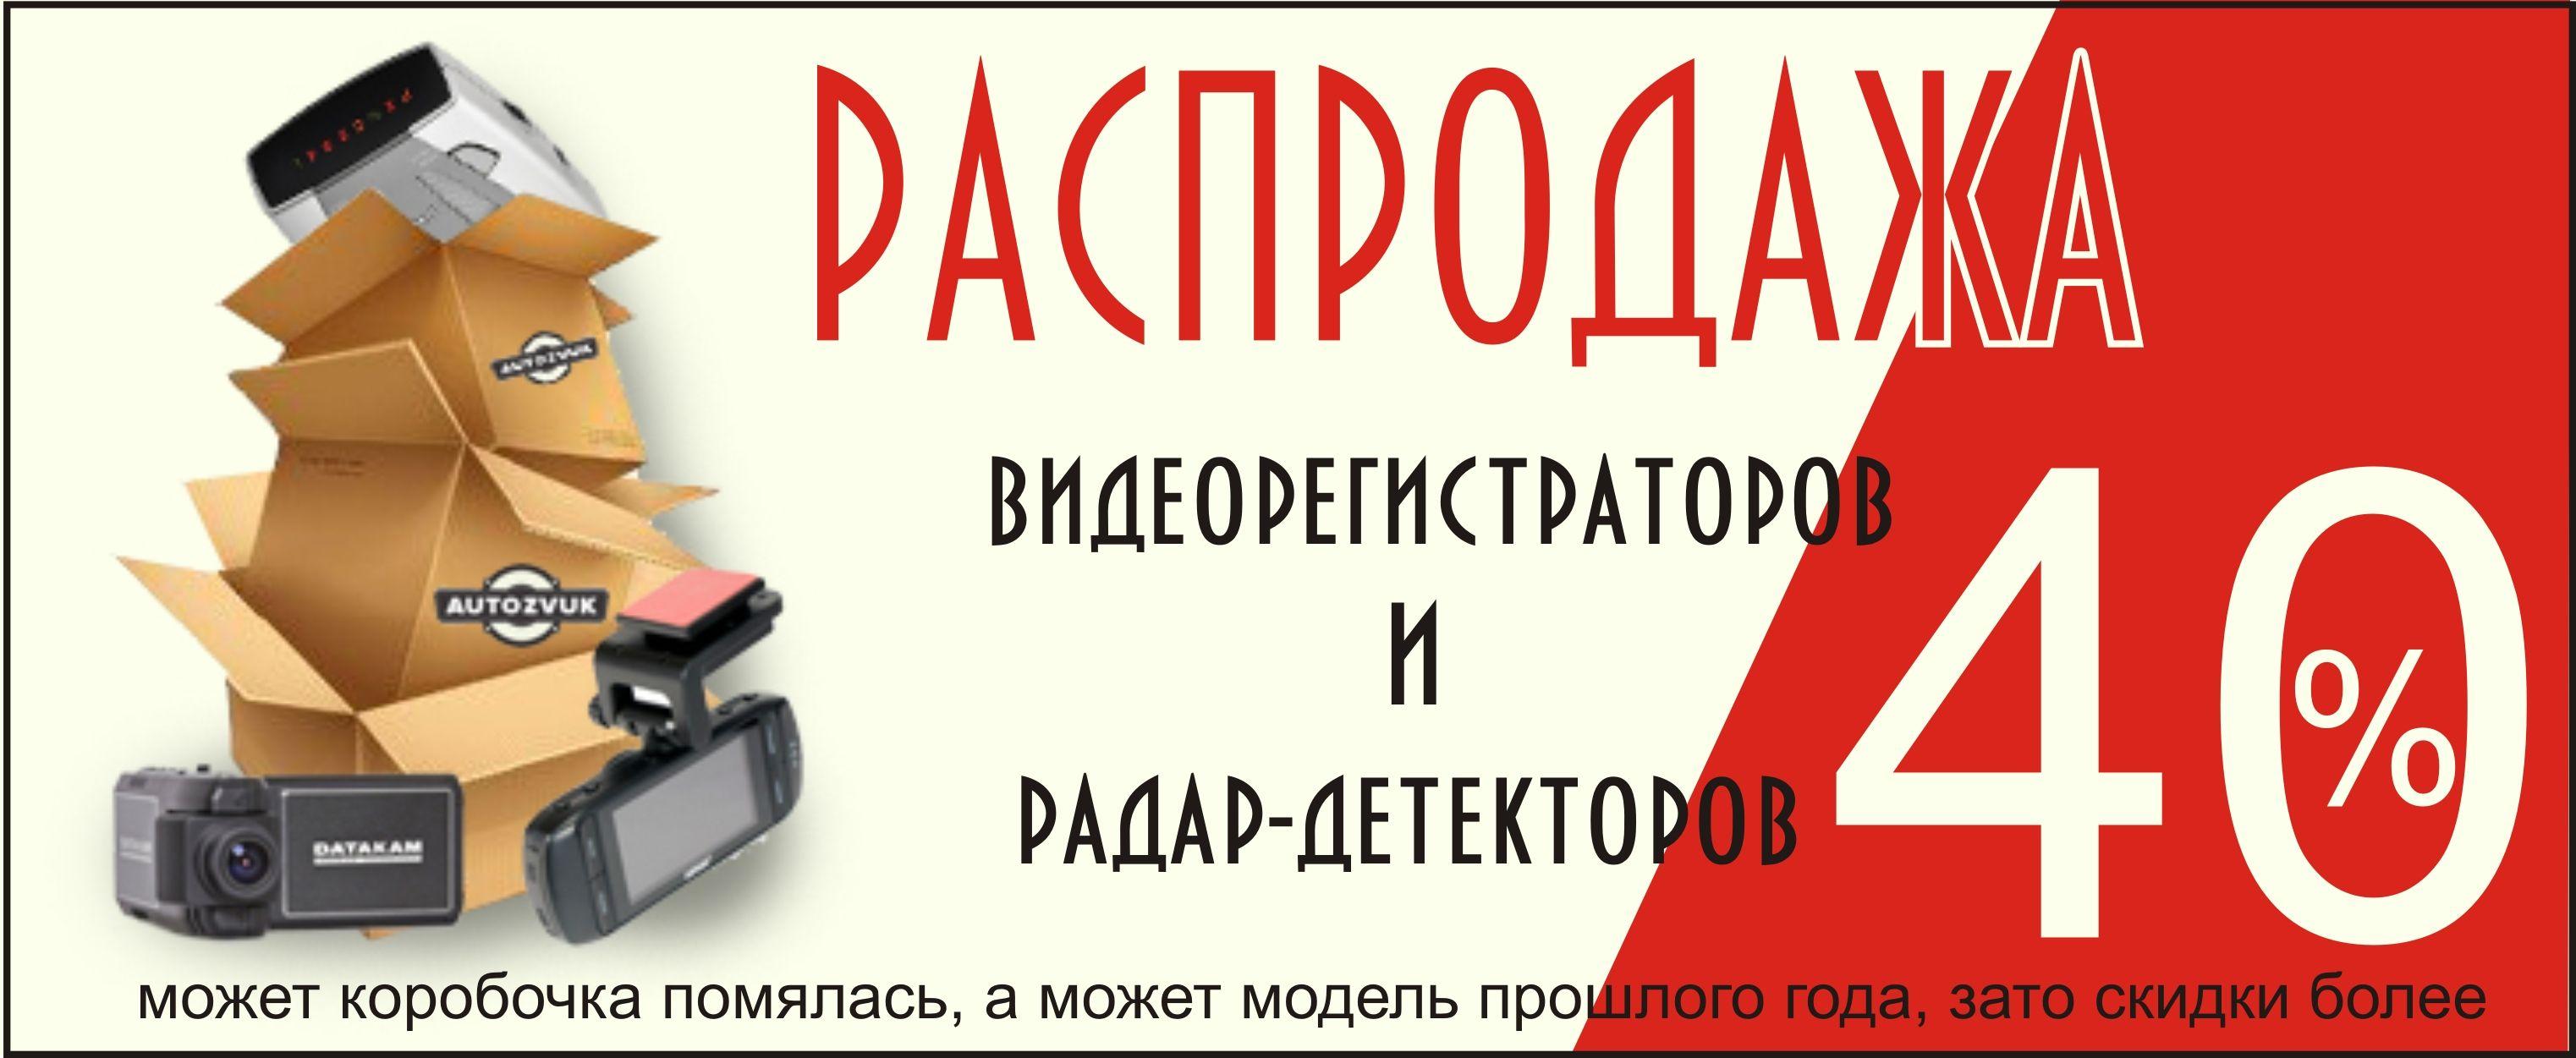 Иллюстрации для слайдера в ИМ - дизайнер rusprog2005